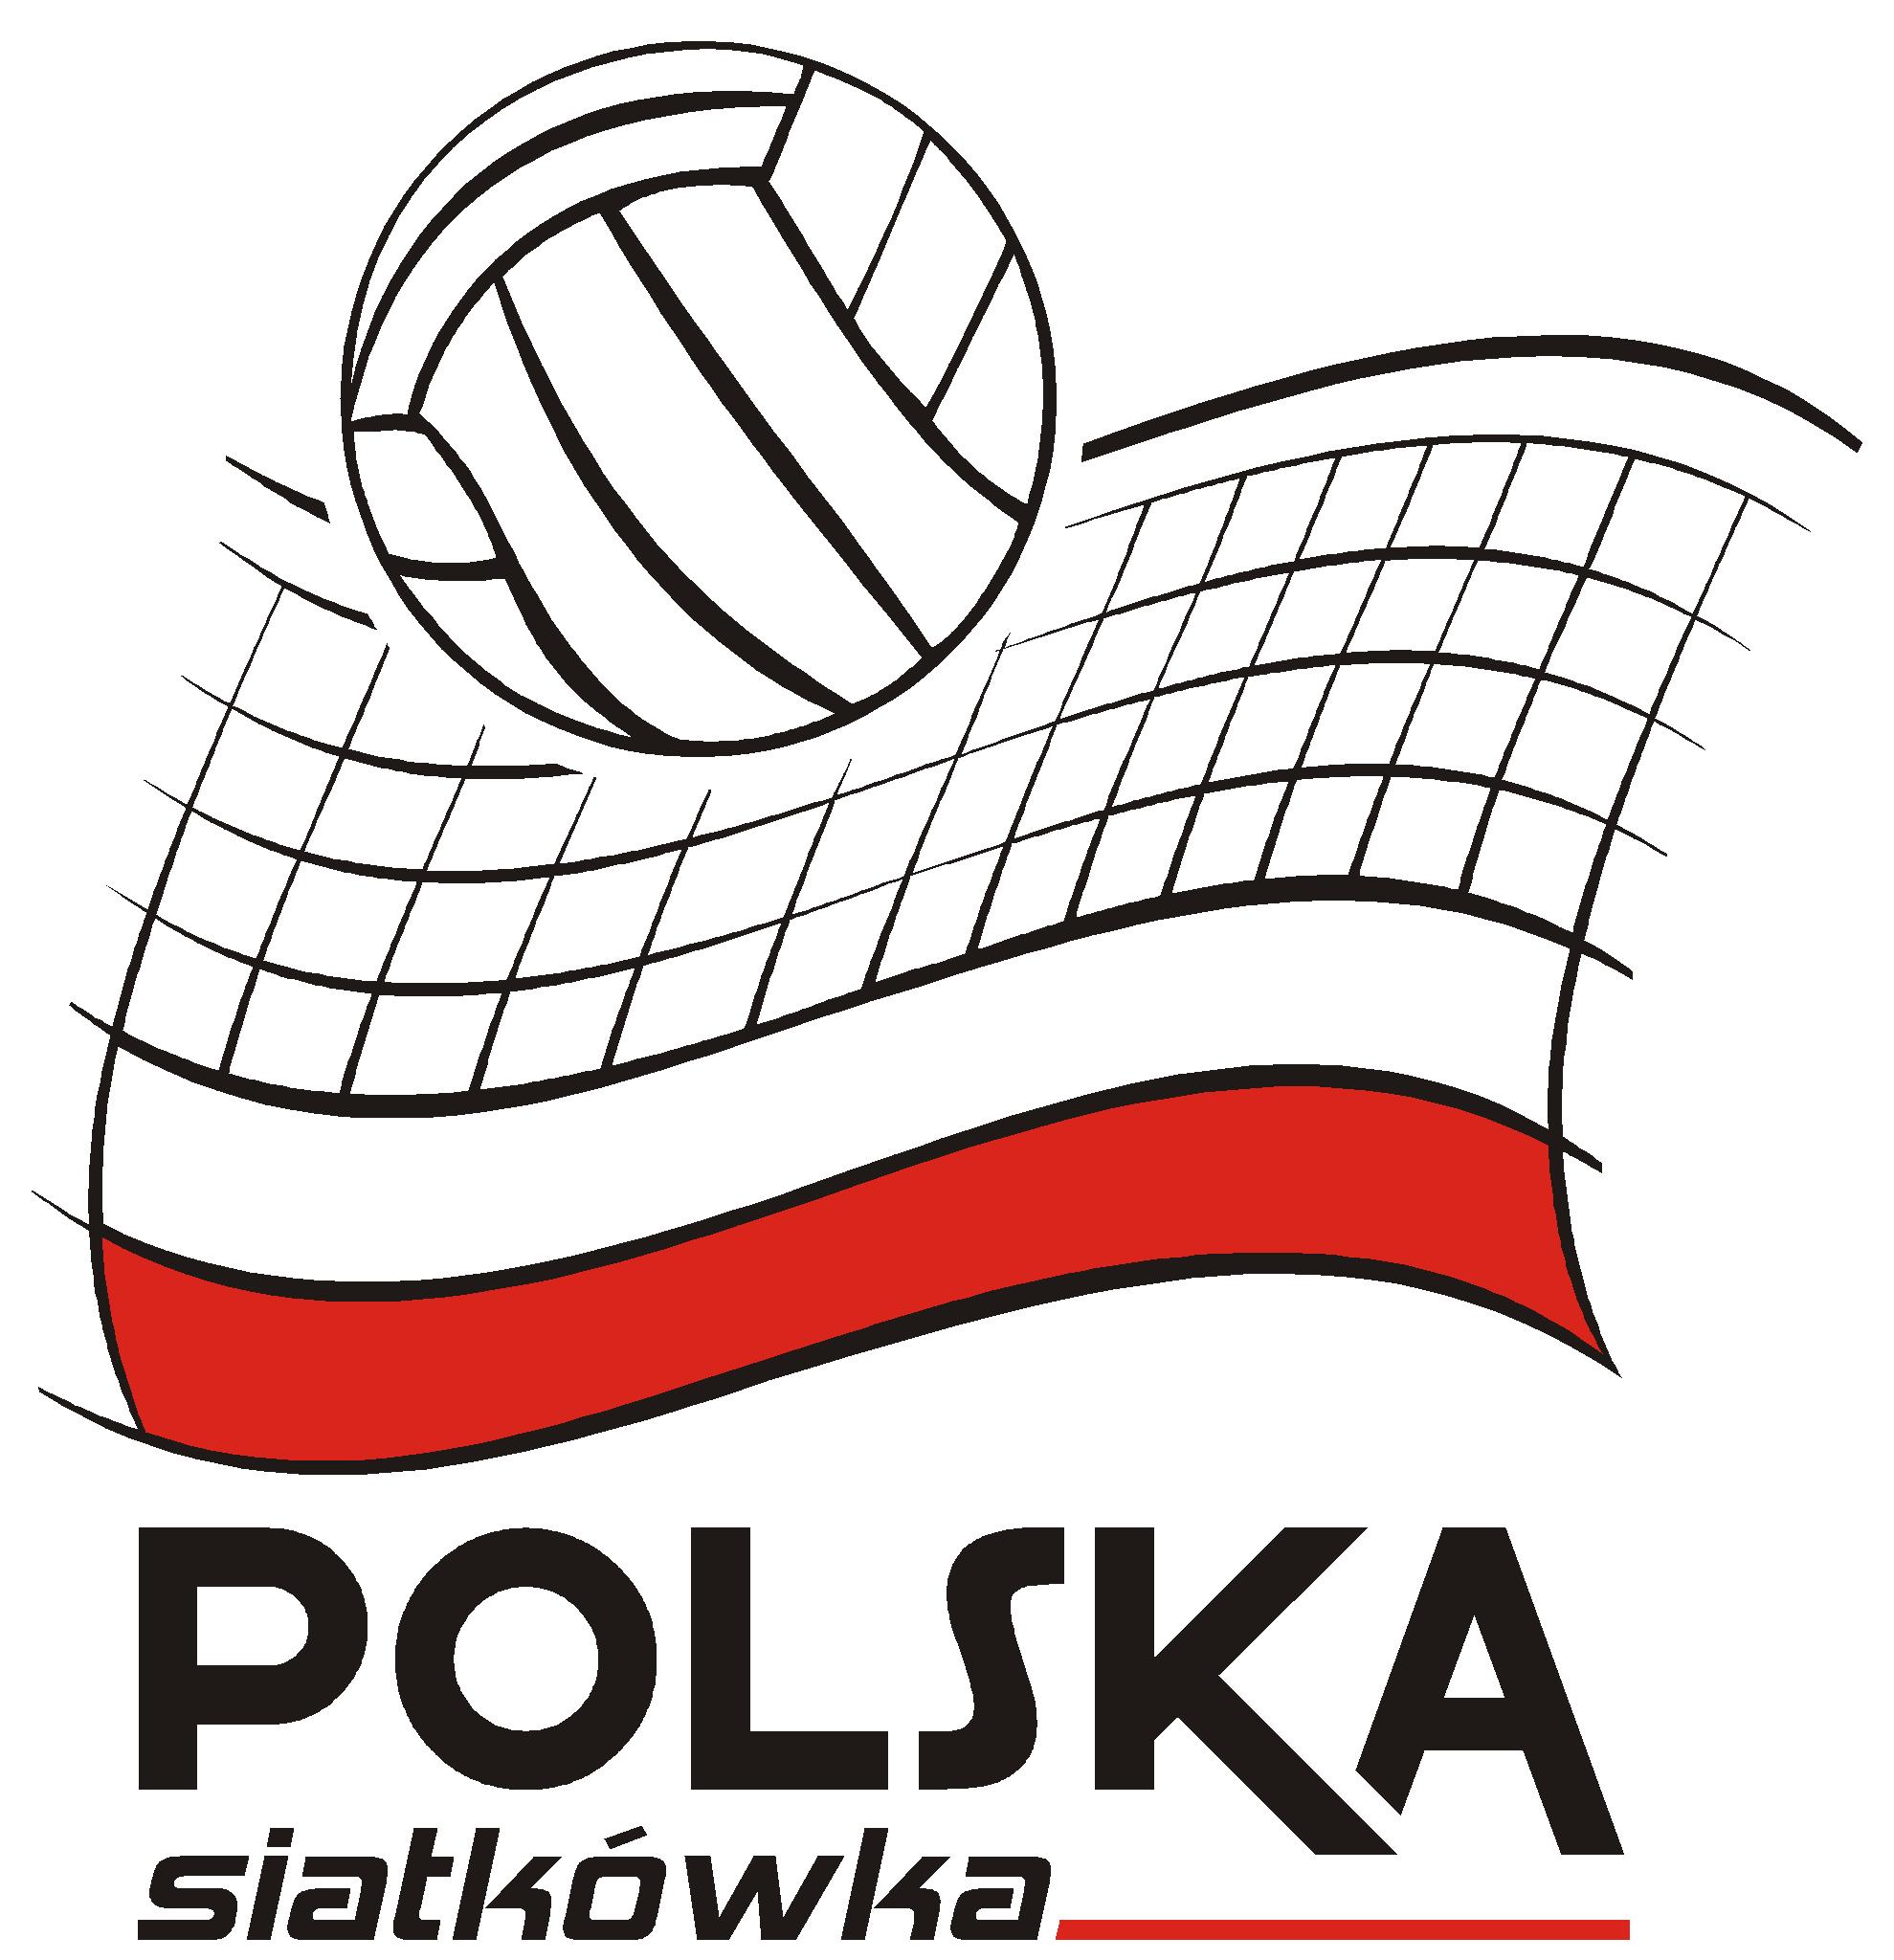 #VolleyNews: XXI ORLEN Mistrzostwa Polski w piłce siatkowej old boyów -  Volleyworld - PNG Siatkowka